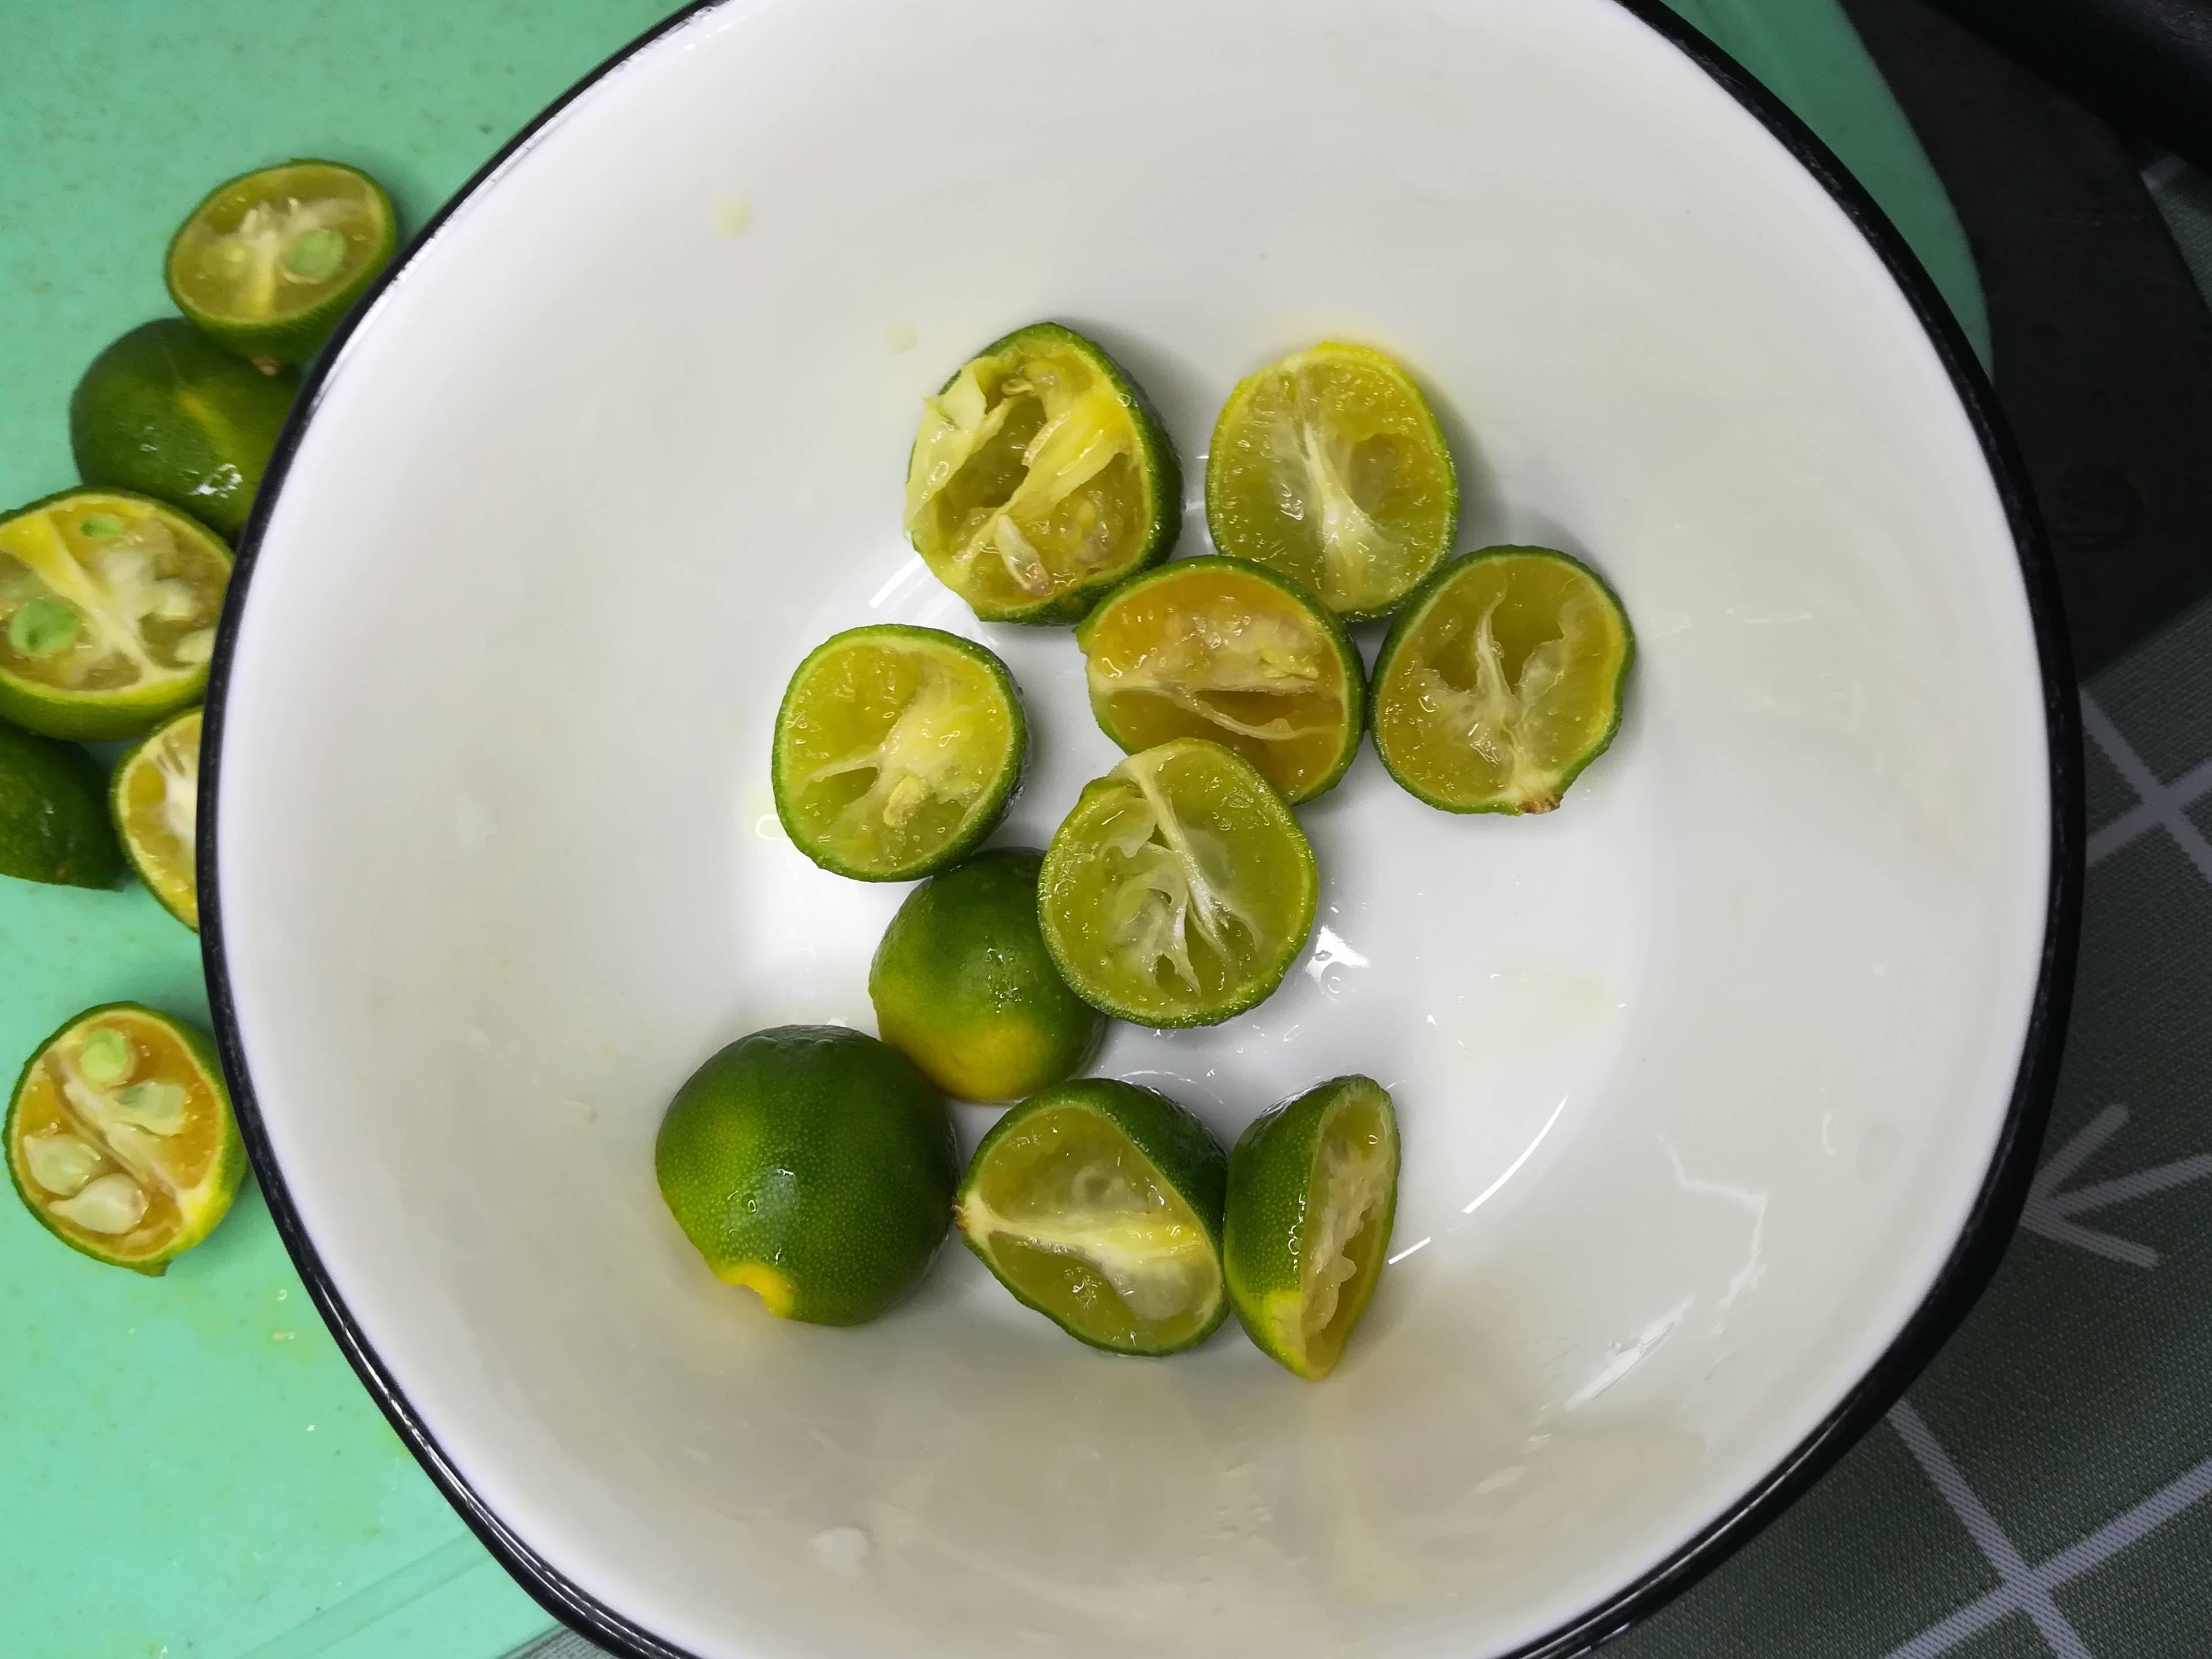 百香果青柠拌黄瓜的做法大全